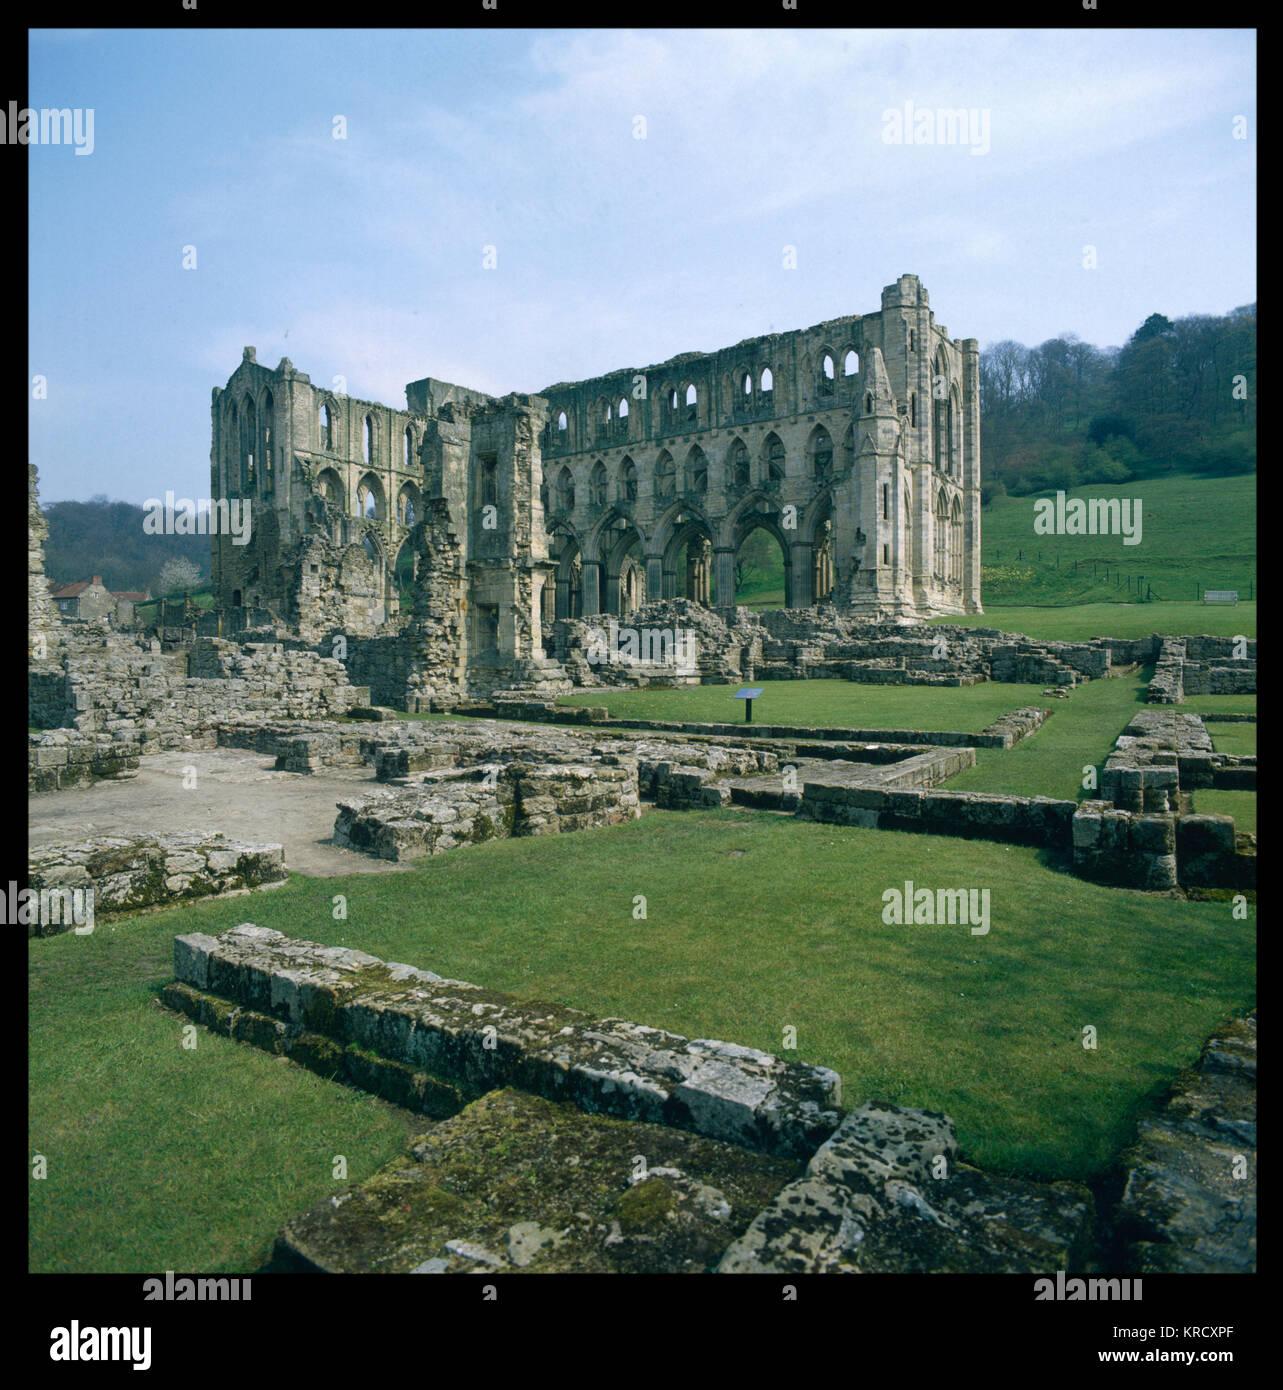 Les majestueuses ruines de l'abbaye de Rievaulx, North Yorkshire, Angleterre. Construit au 13ème siècle, Photo Stock